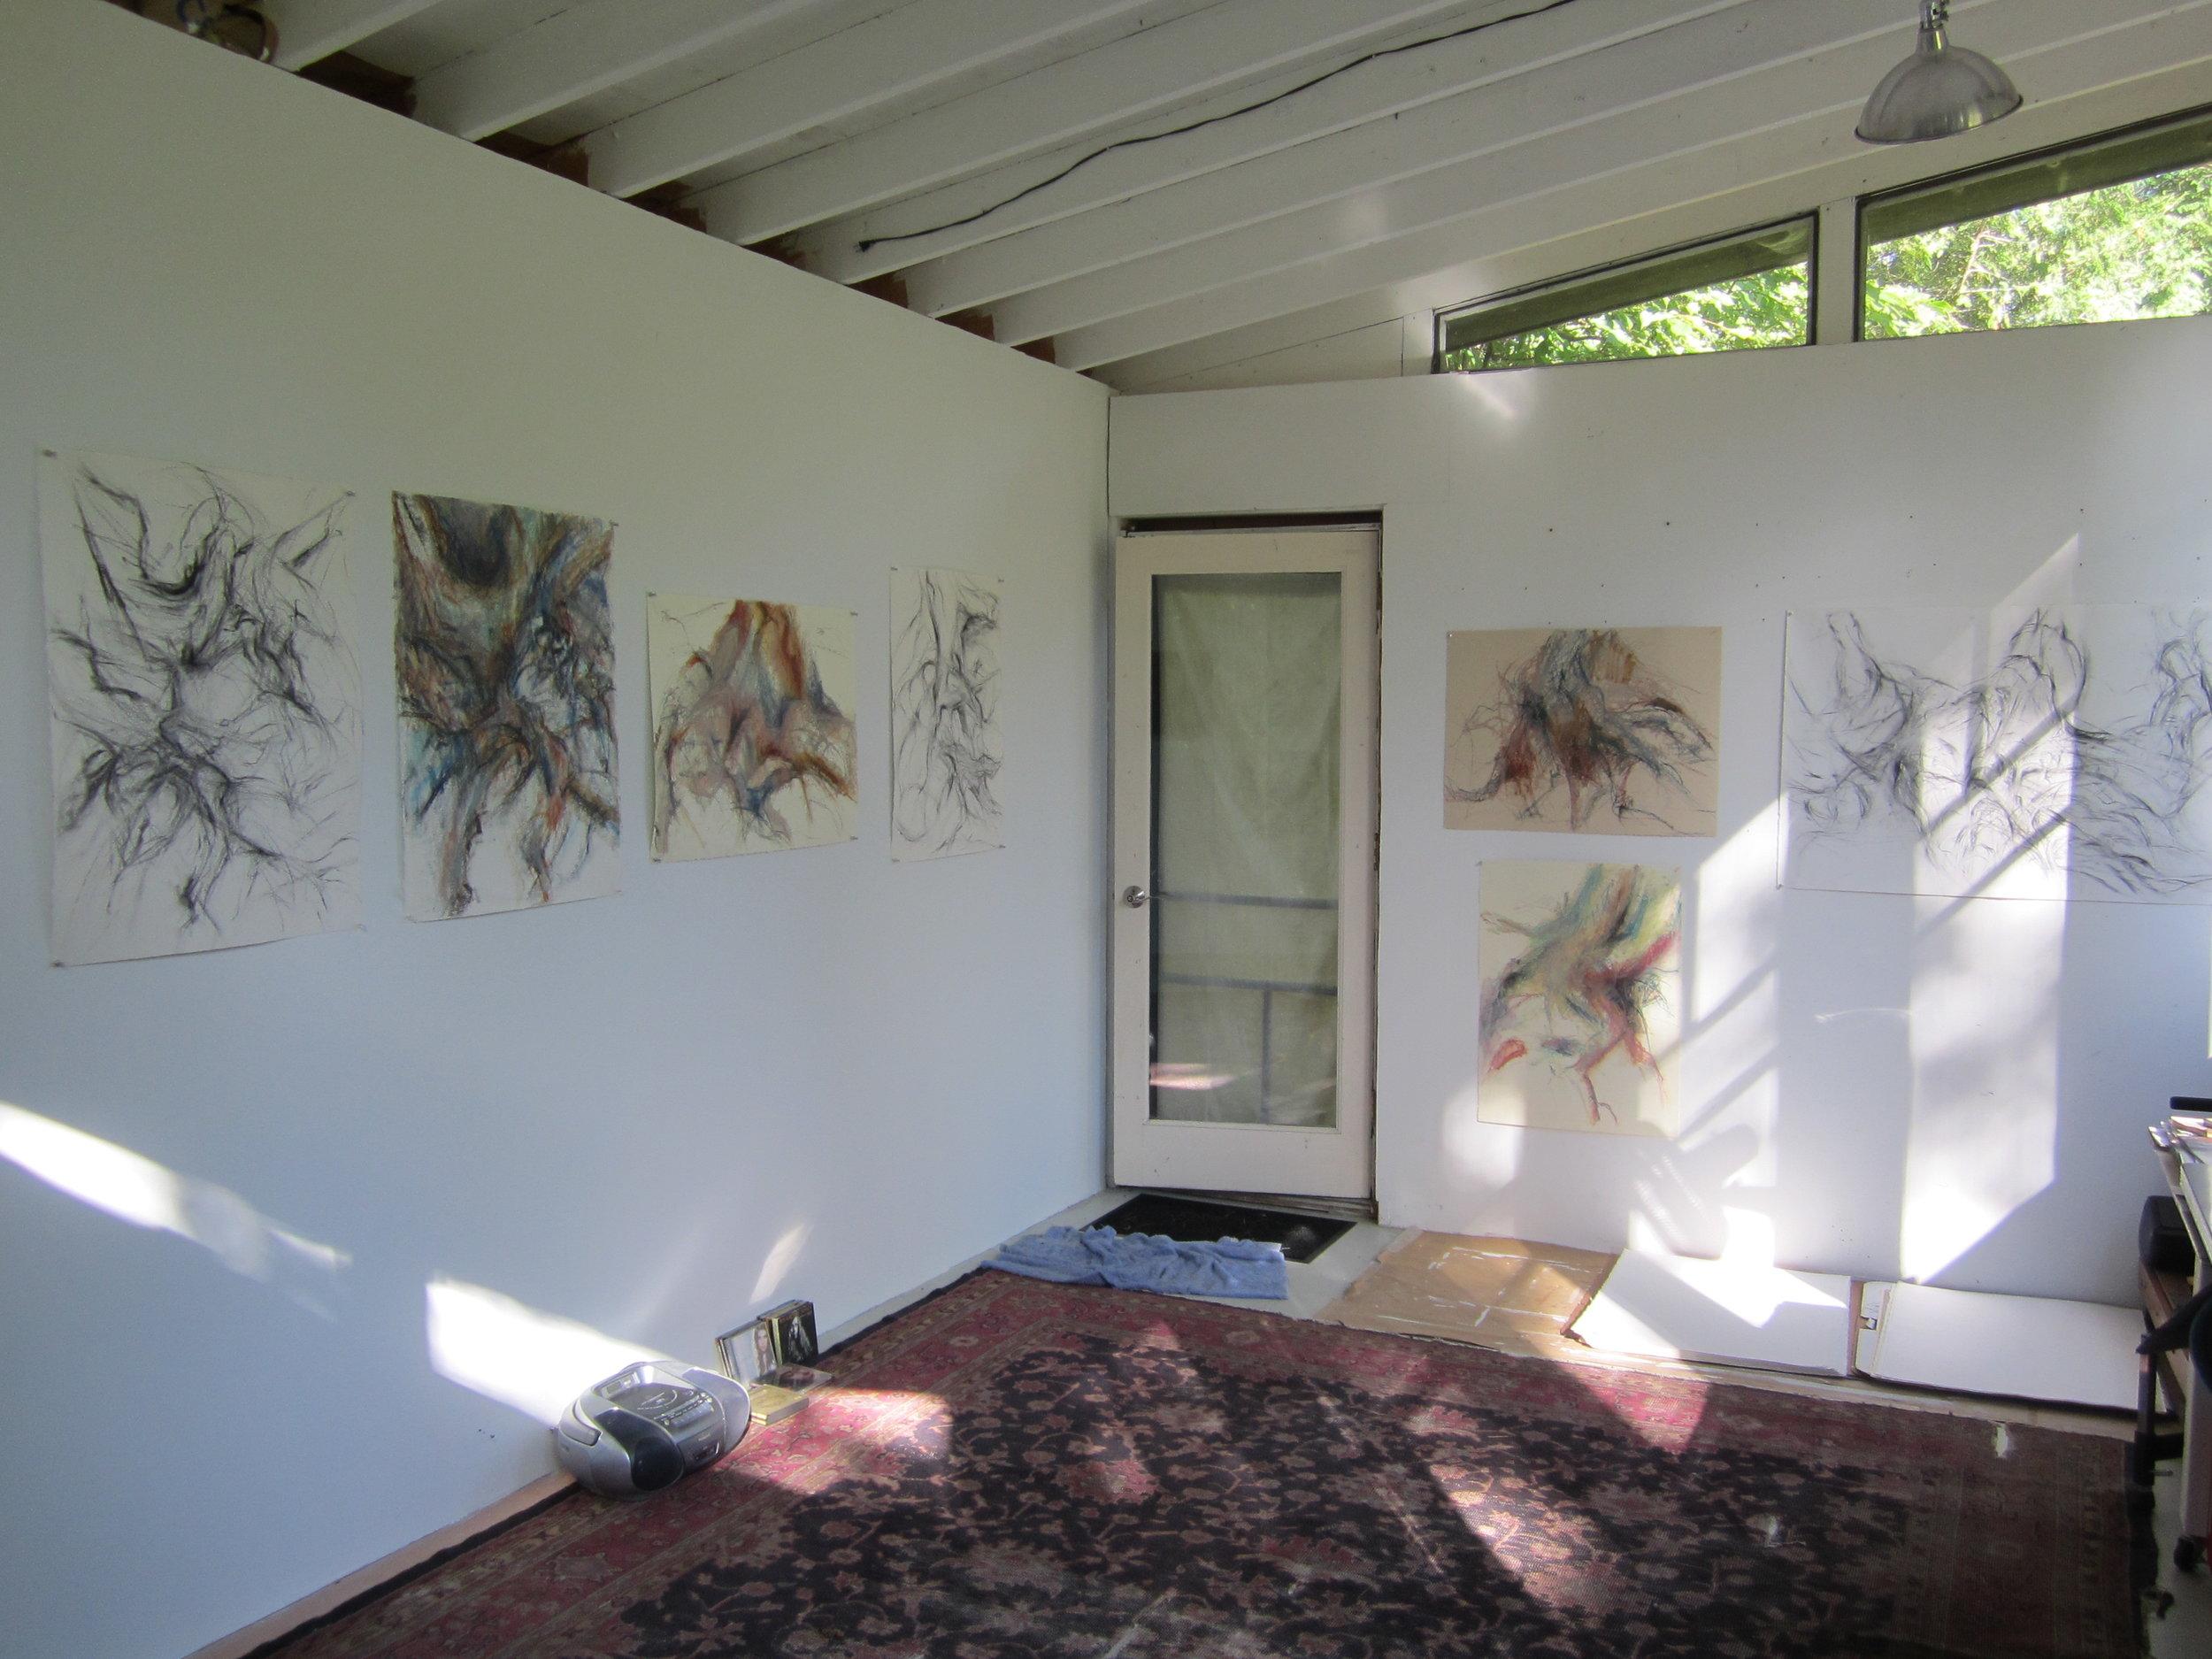 Studio view 1 8:14.jpg